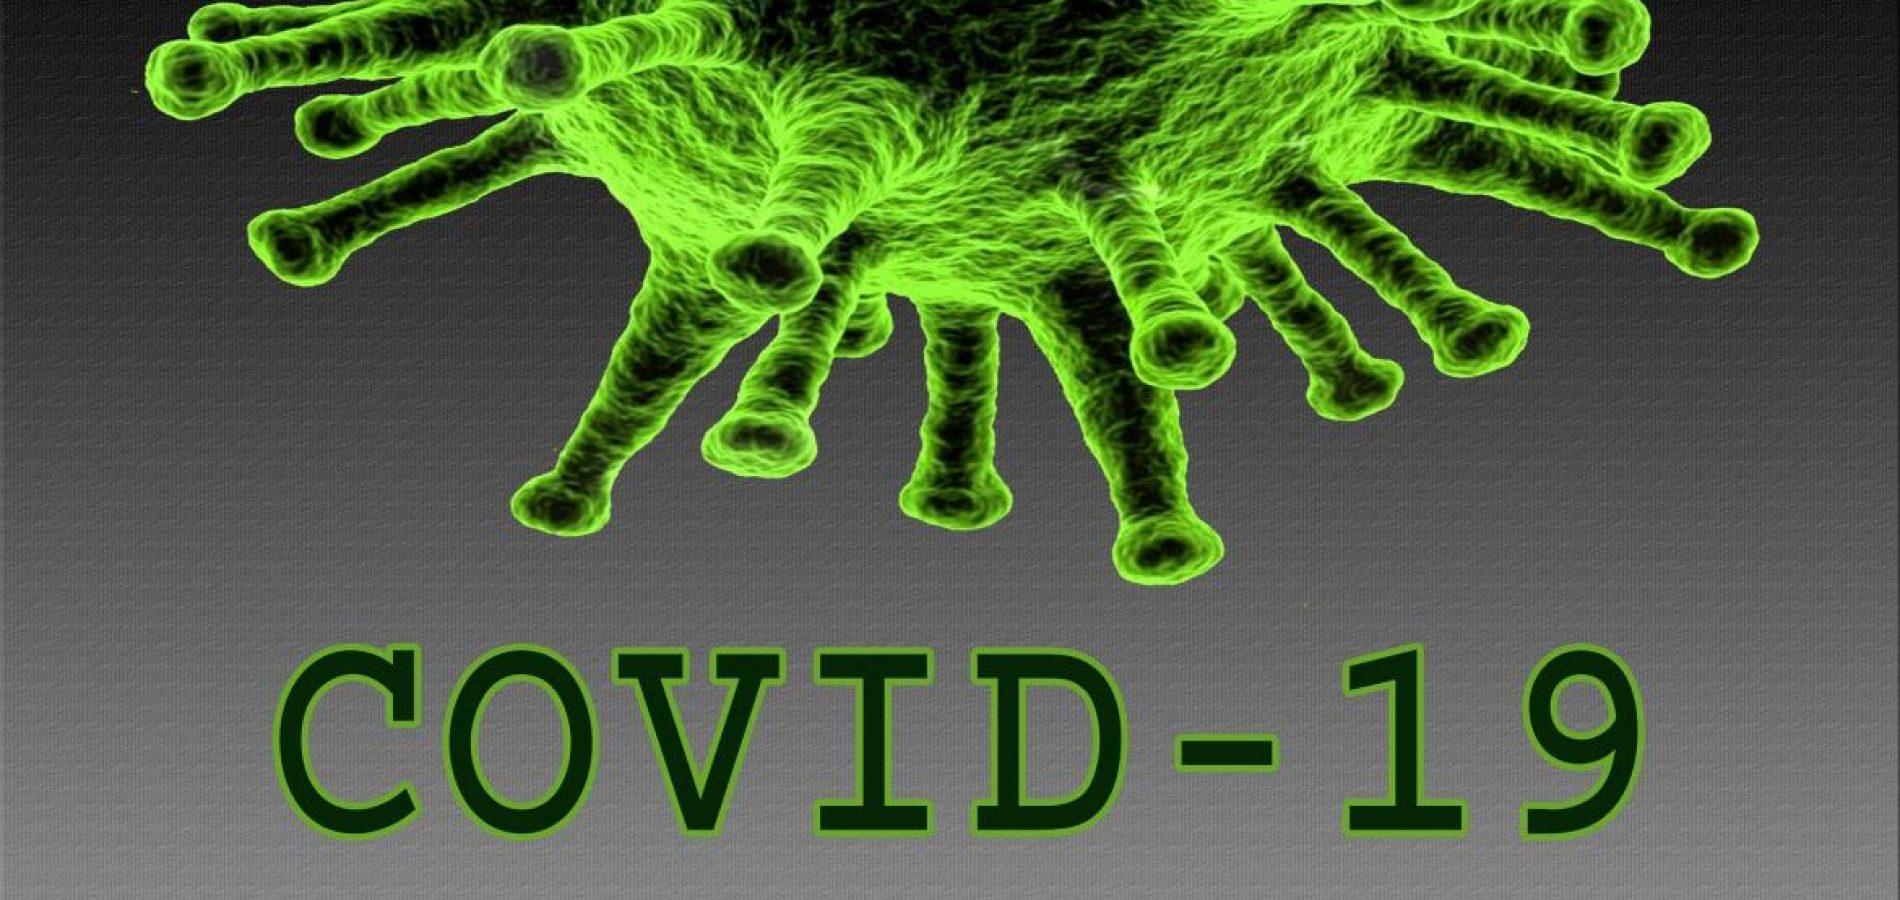 MIÉRCOLES 24 DE JUNIO: Presentación video Buenas Prácticas Covid-19 en el Palacio de Congresos de Fuerteventura.